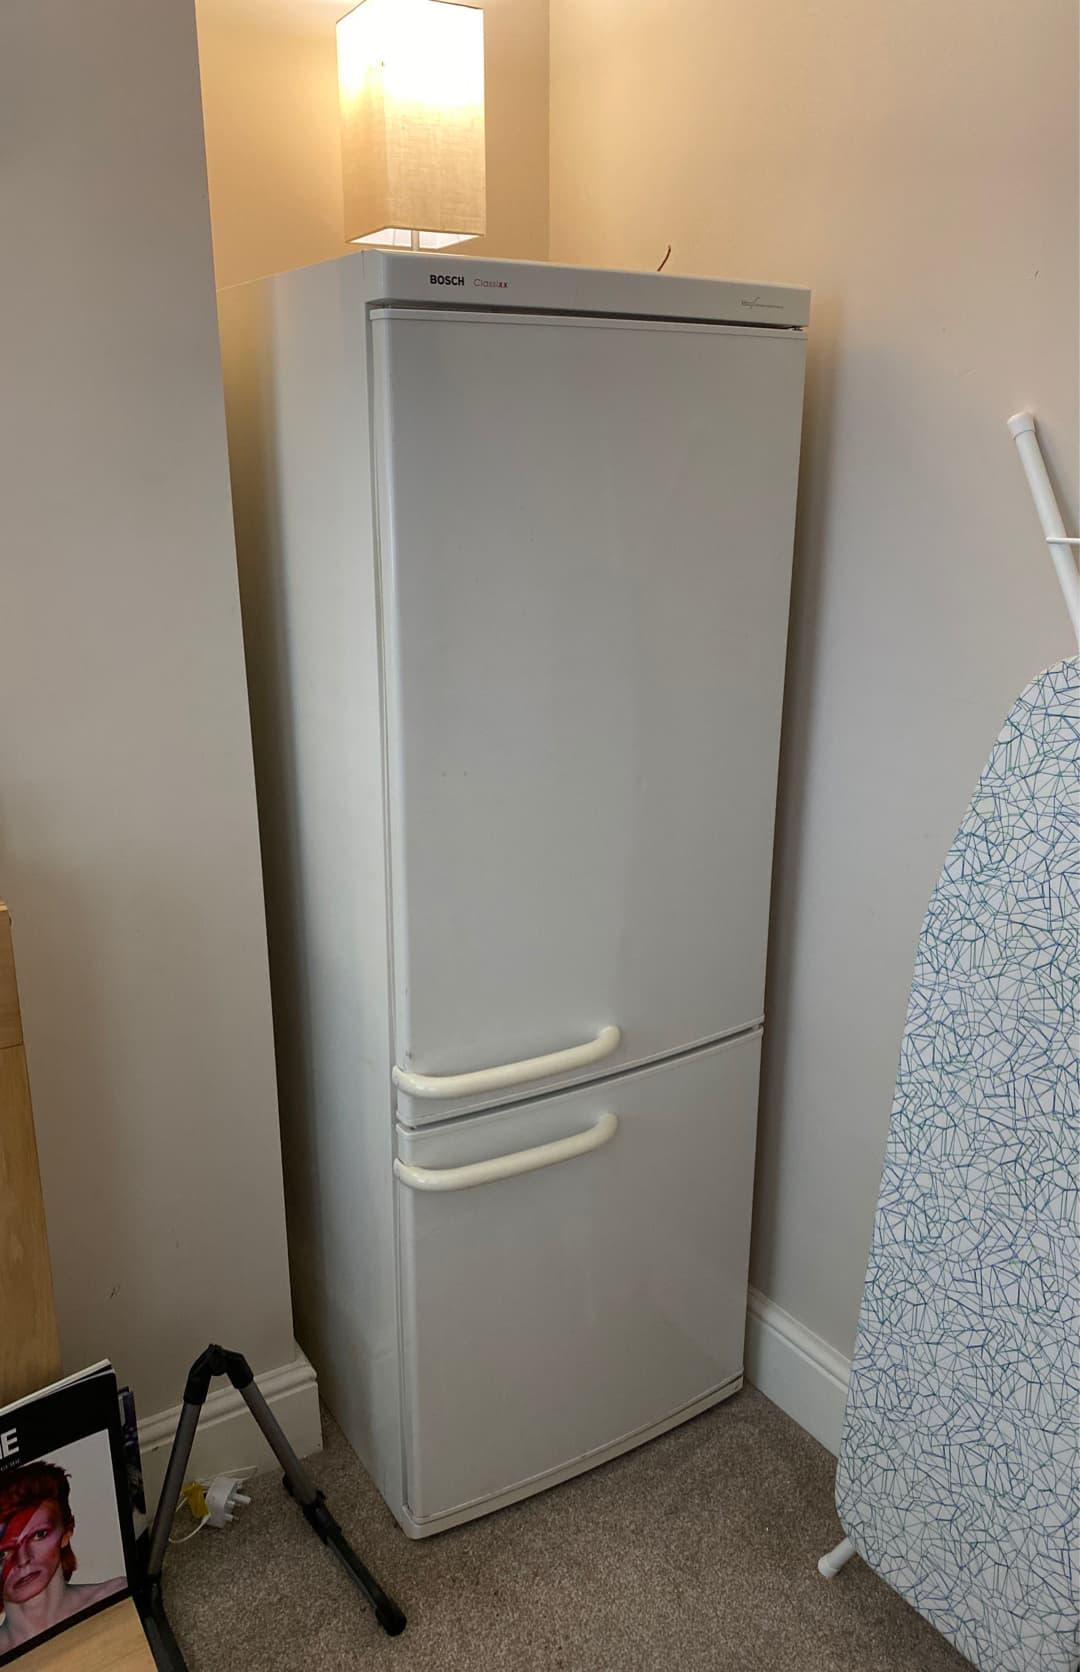 large fridge £50 vat yes